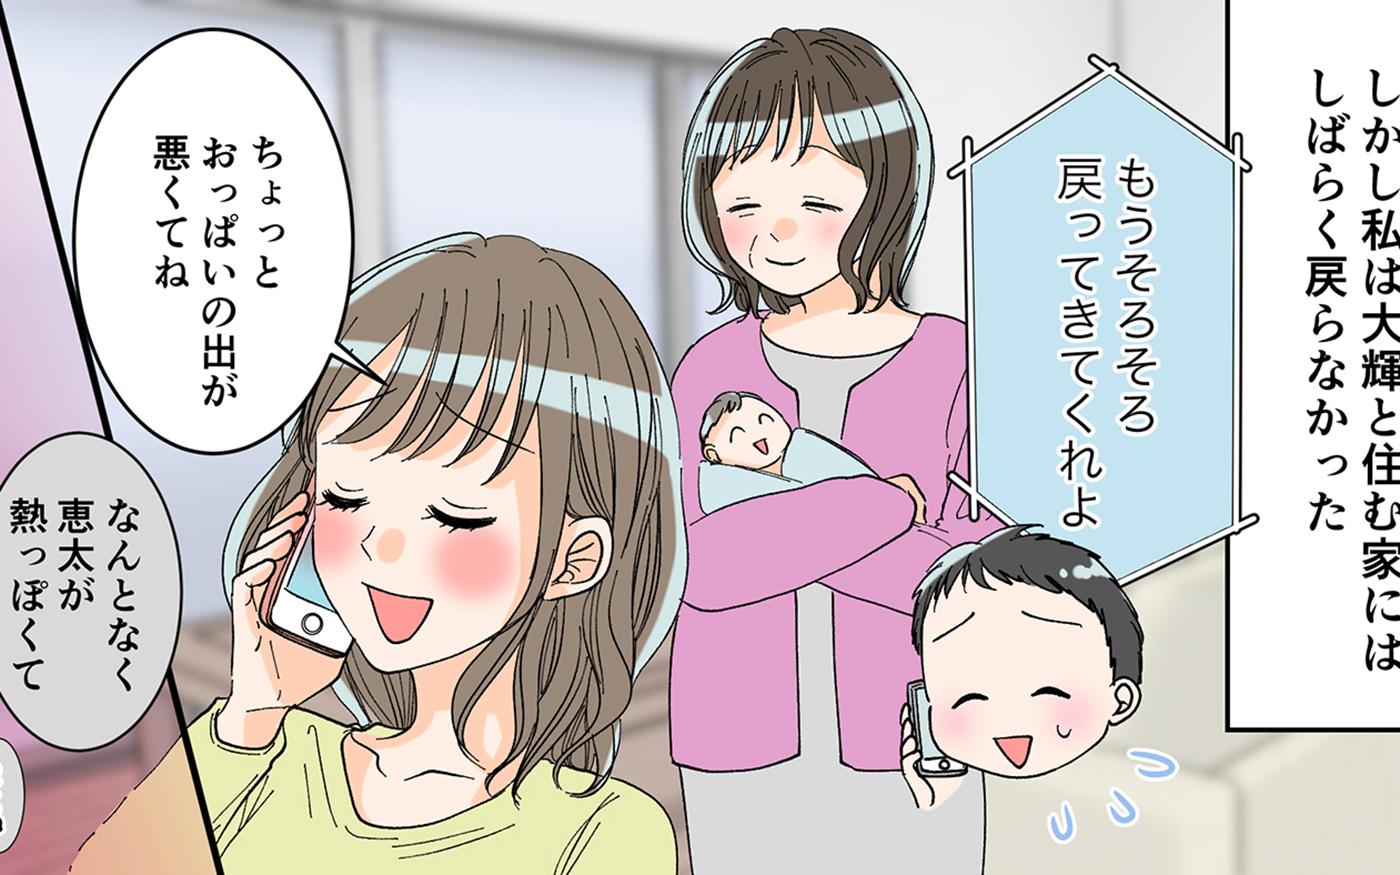 「どうして俺がわが子と暮らせない?」里帰り出産した妻が戻らない/あずさの場合(2)